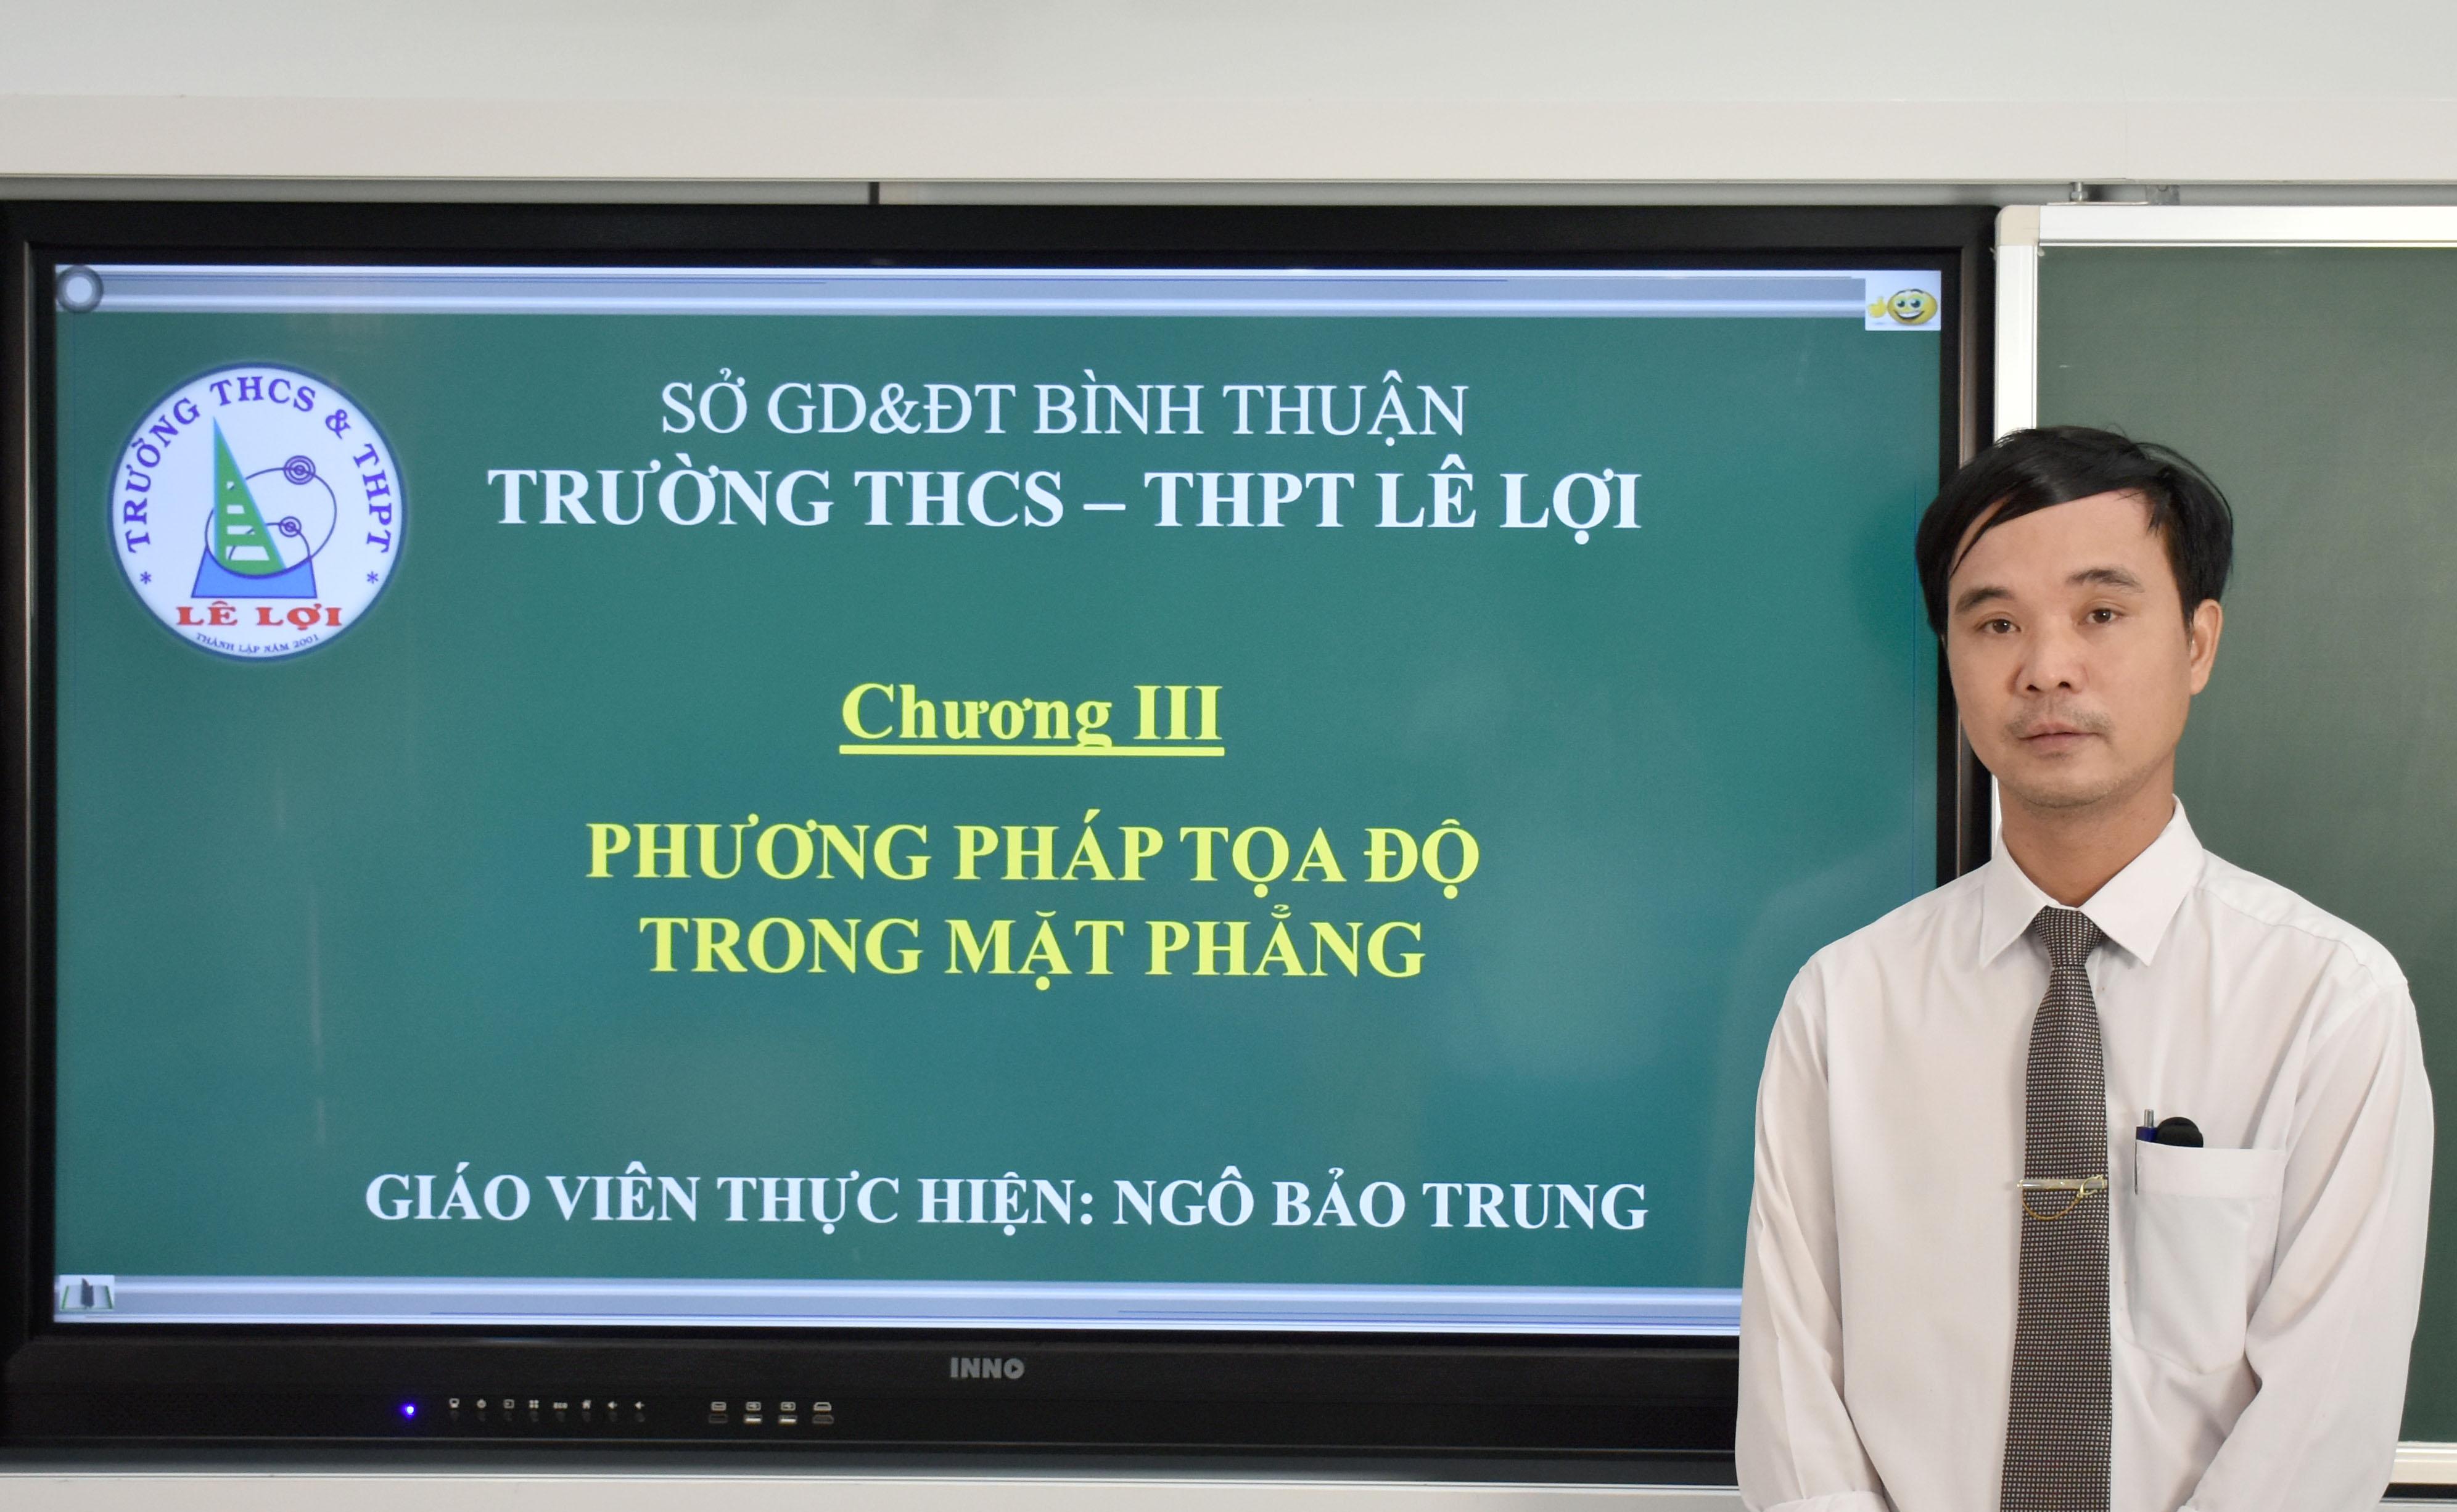 Khối lớp 10 - Phương pháp tọa độ trong mặt phẳng - Thầy Ngô Bảo Trung